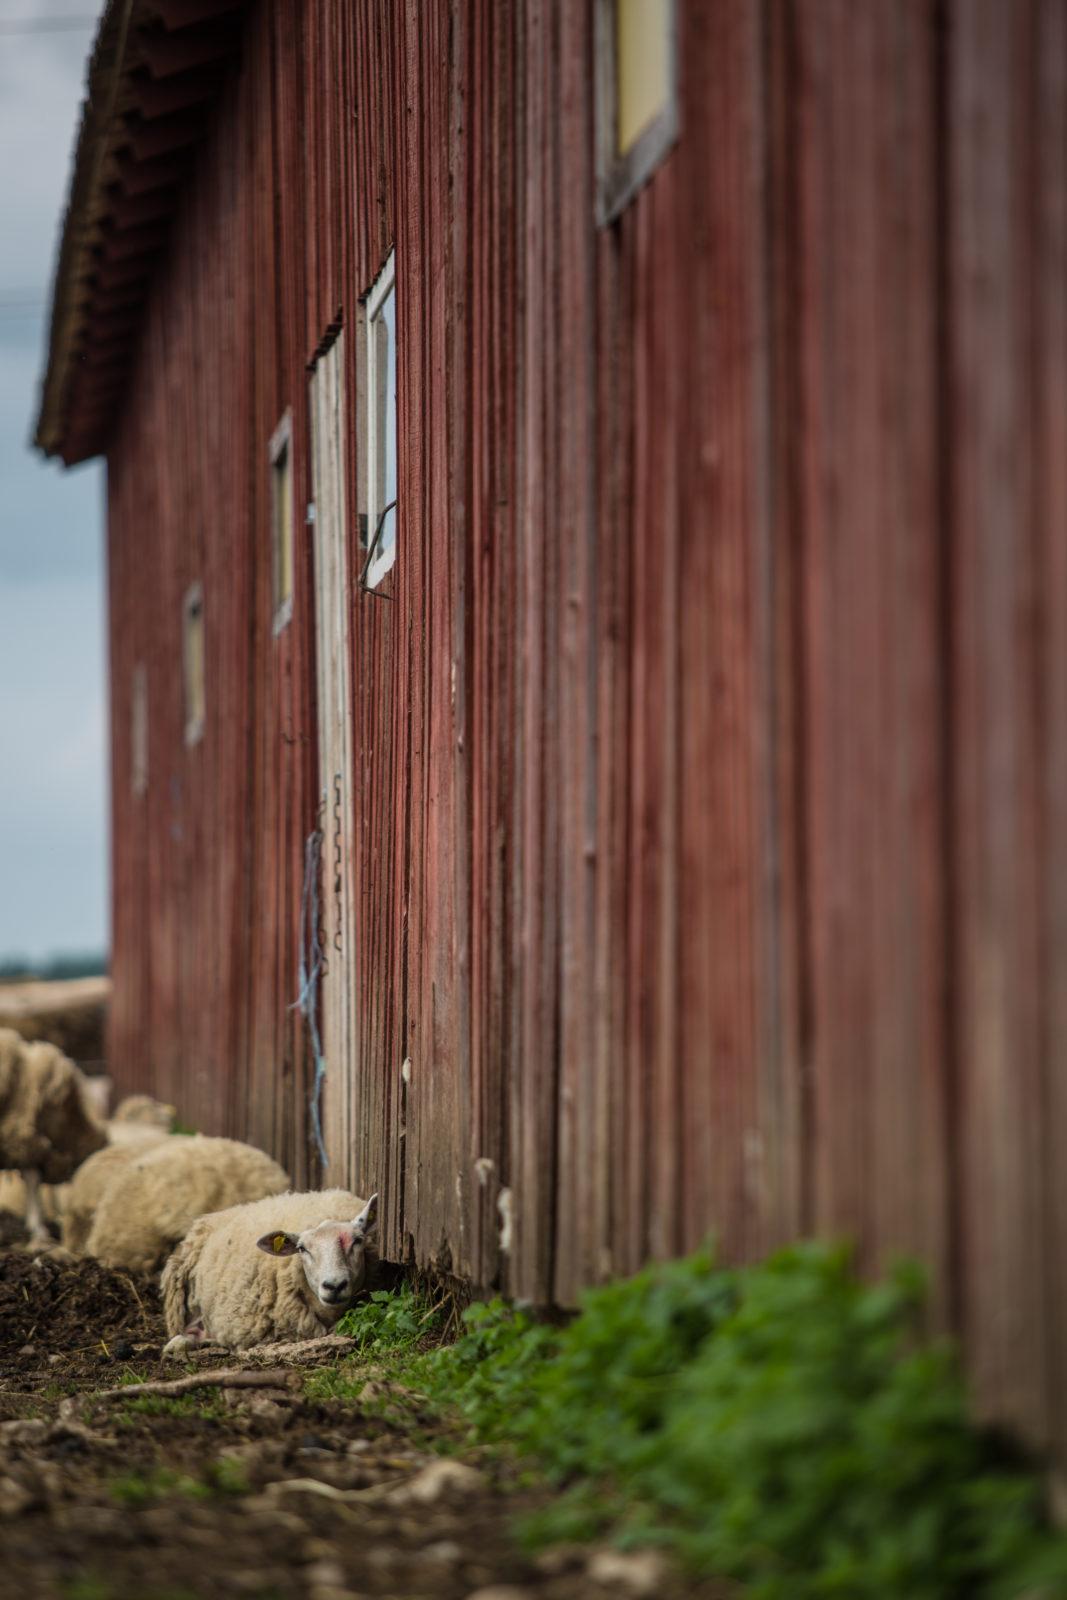 Avatud talude päeval lammas kuuri nurgas maas